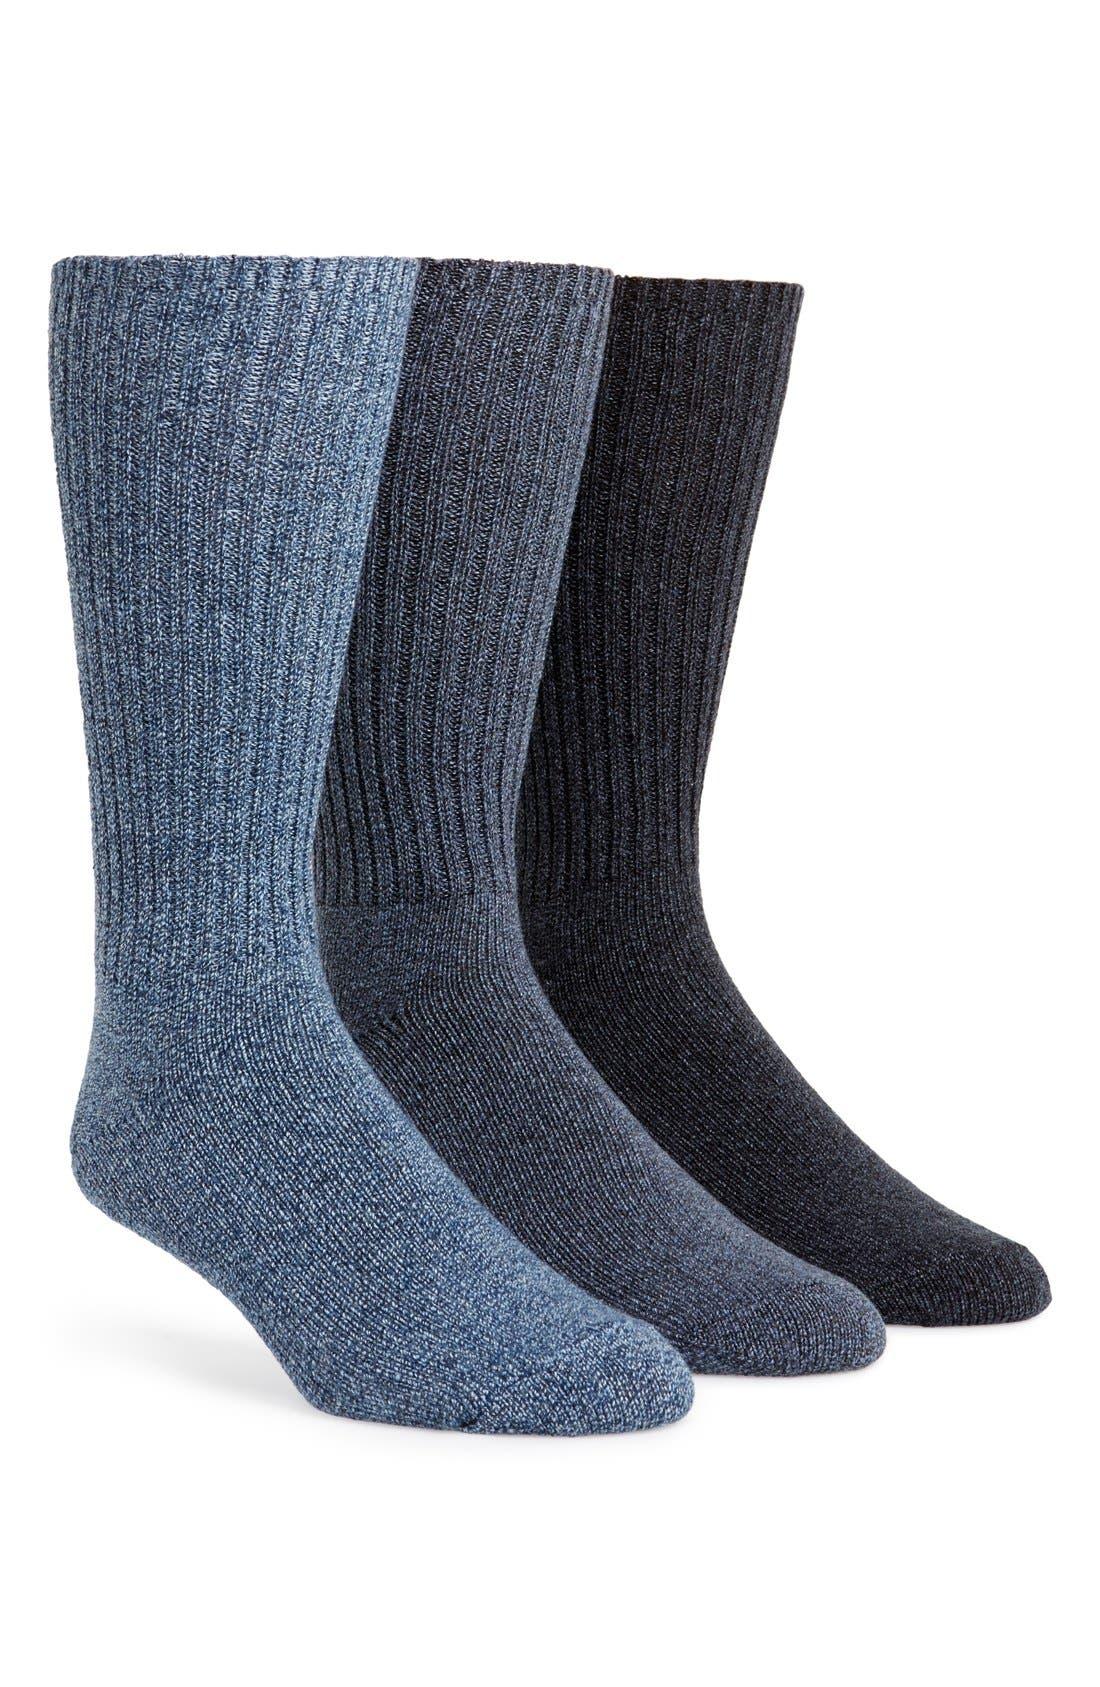 Main Image - Calvin Klein 3-Pack Casual Socks